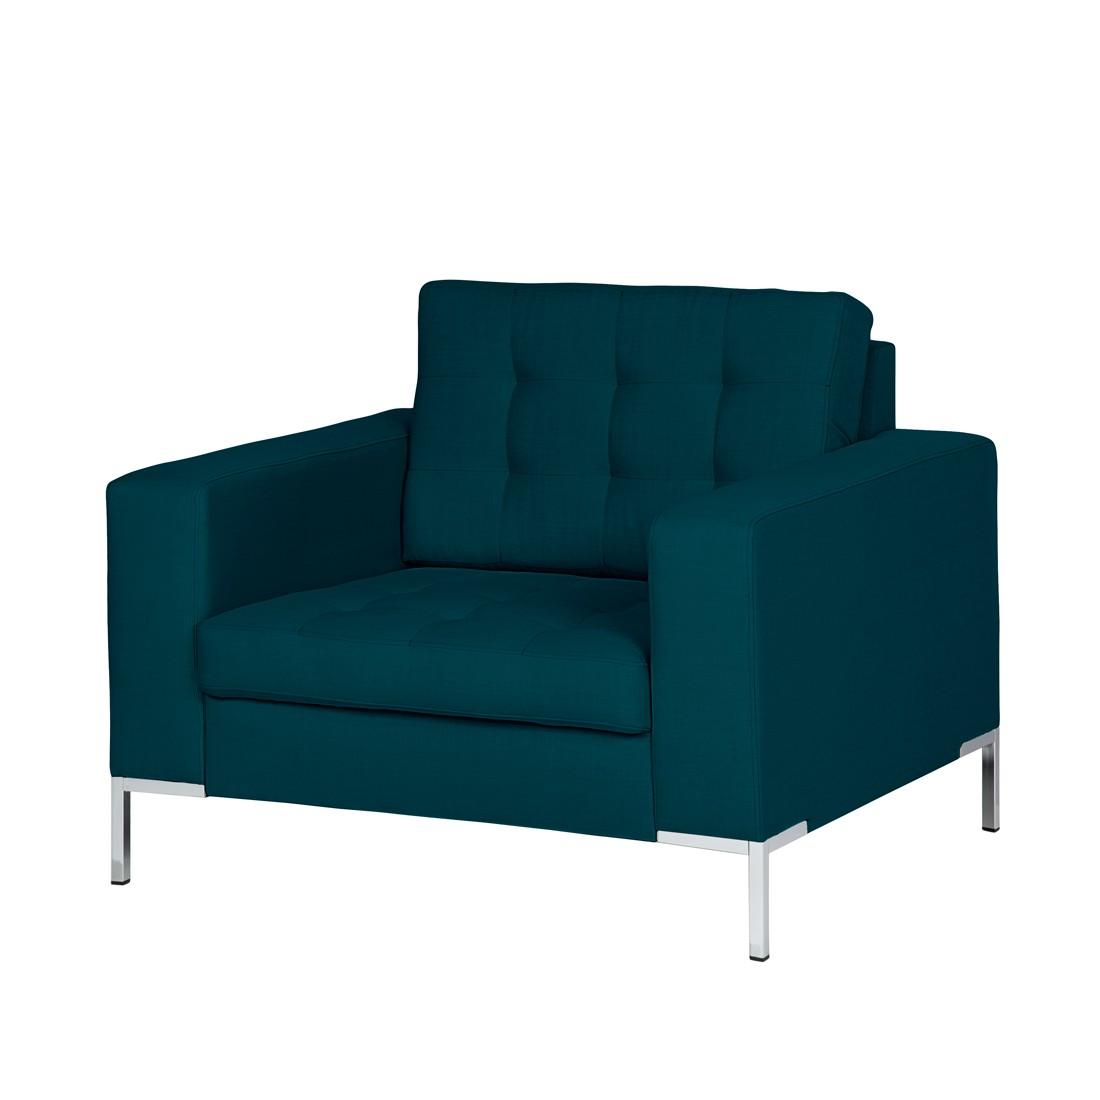 Fauteuil Nistra - Tissu bleu / vert, Fredriks